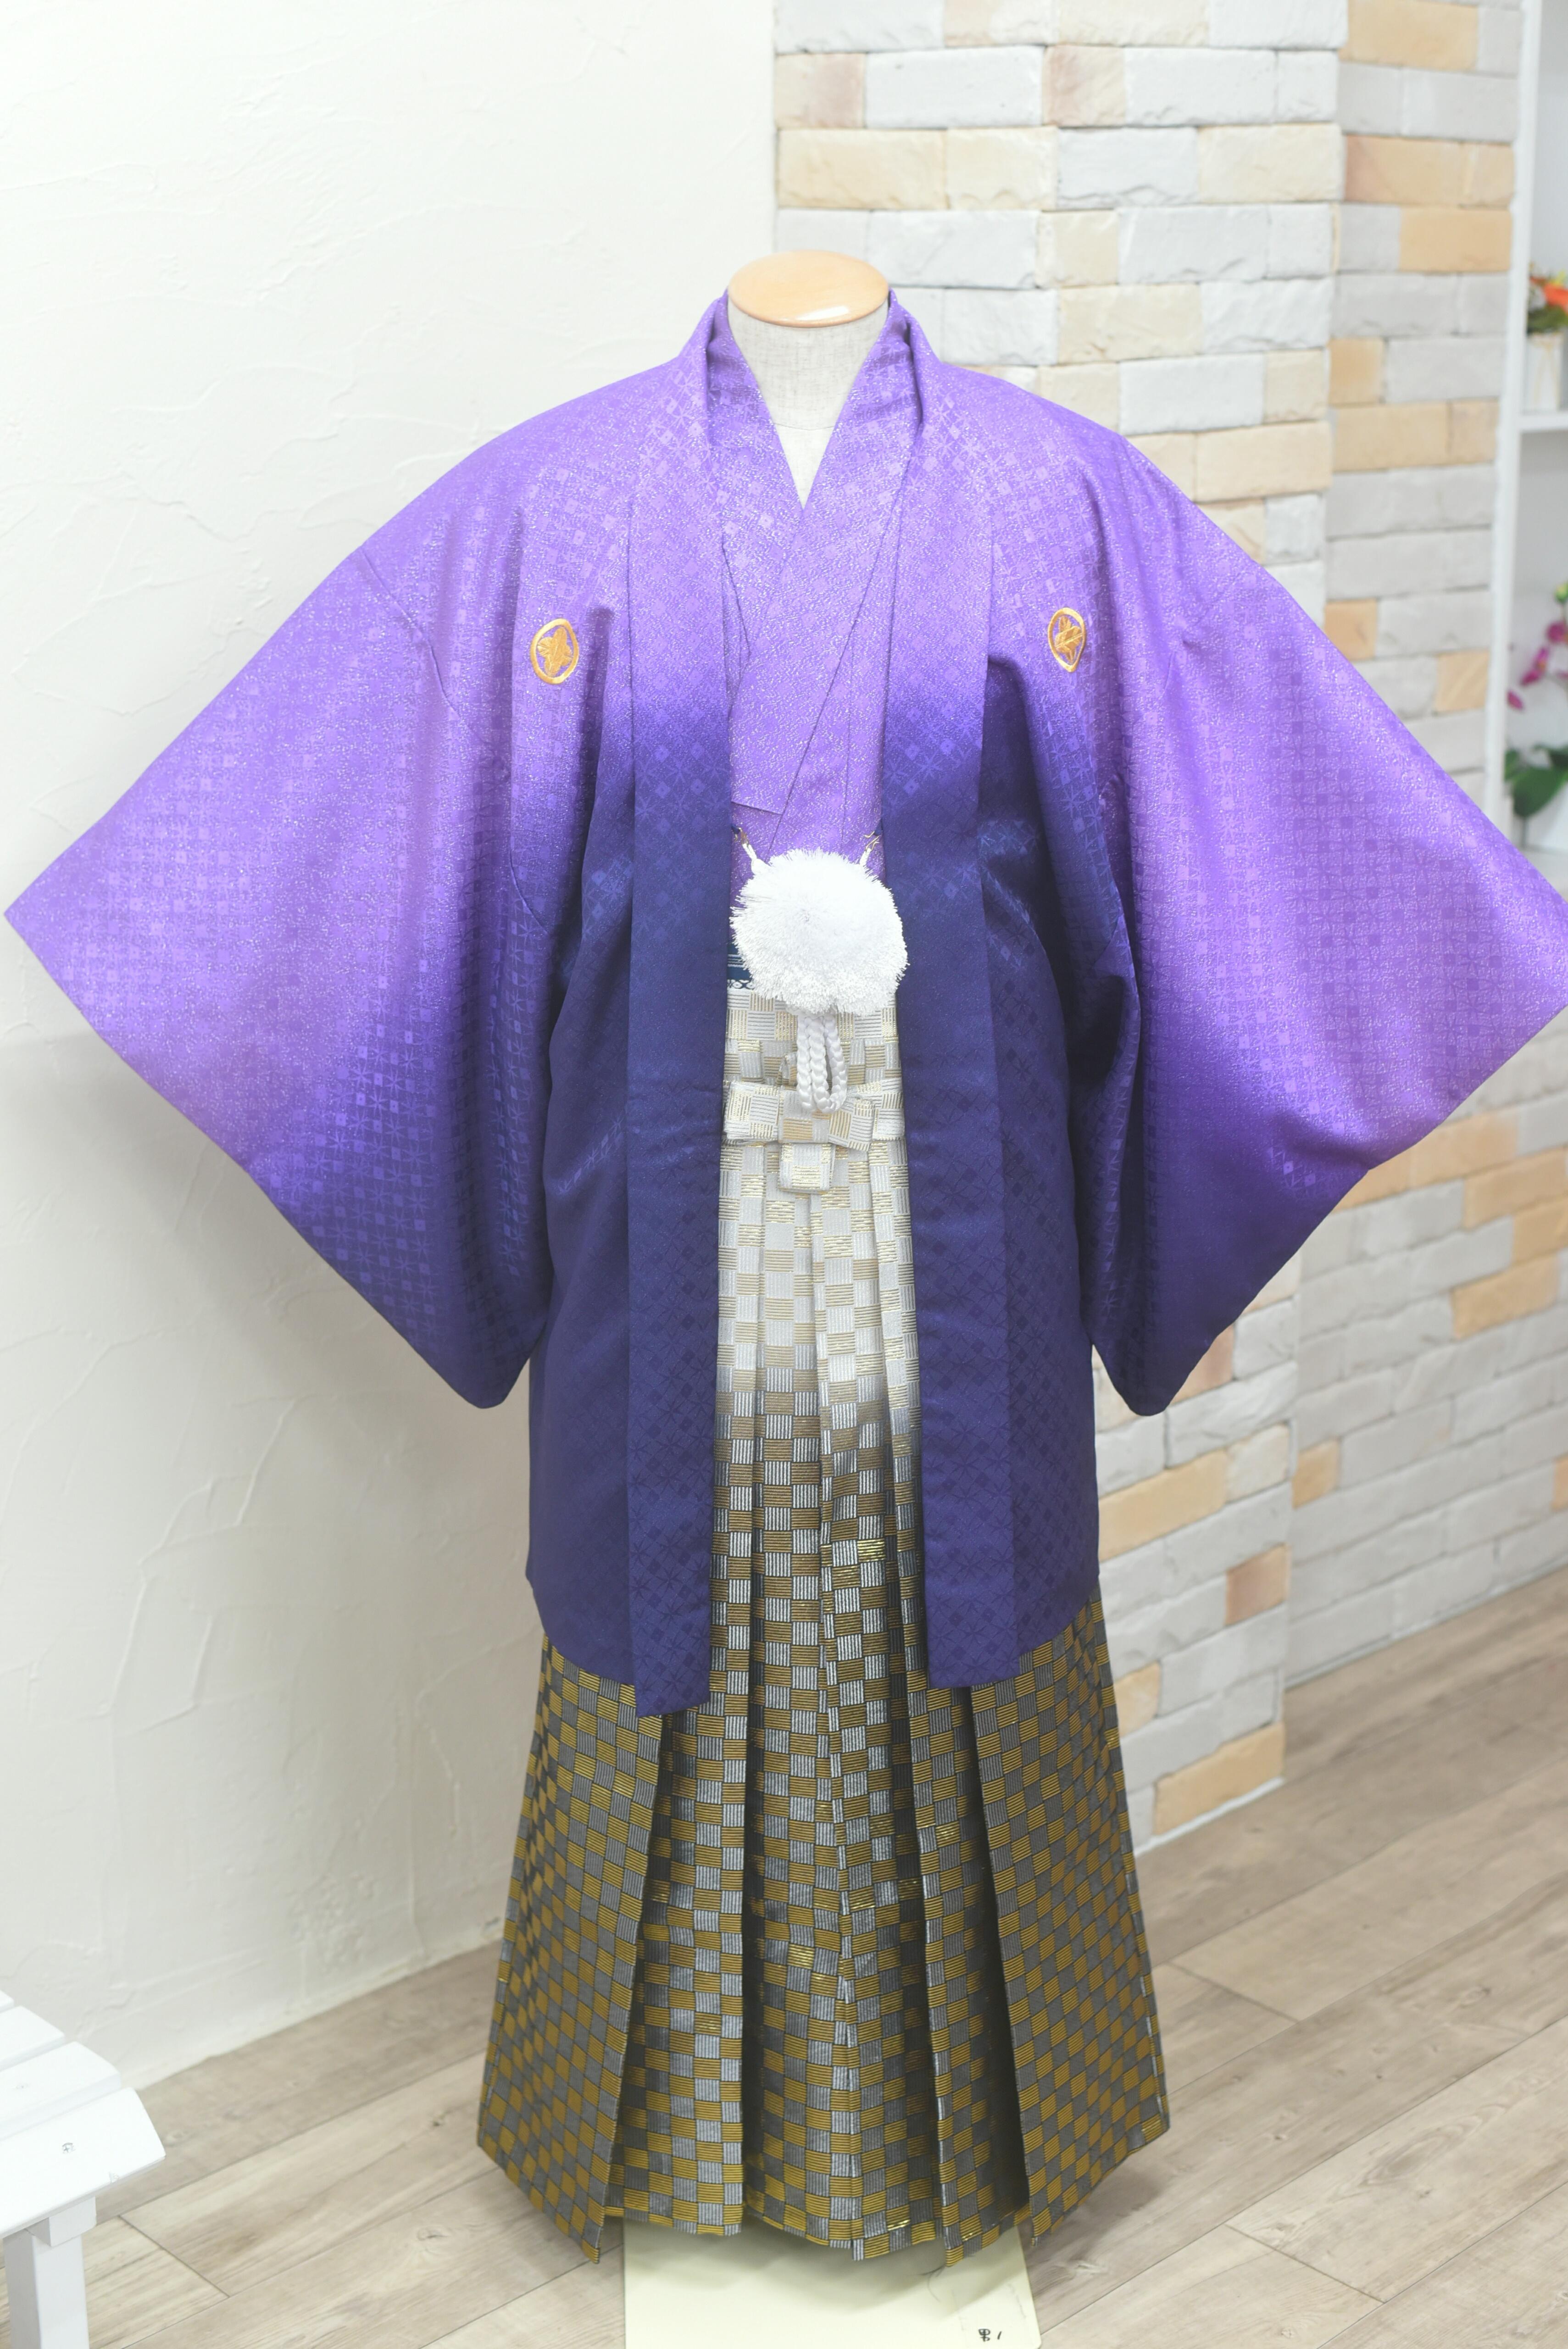 紫から濃い紫に色が変わる紋付きに白黒ぼかし金チェックの袴